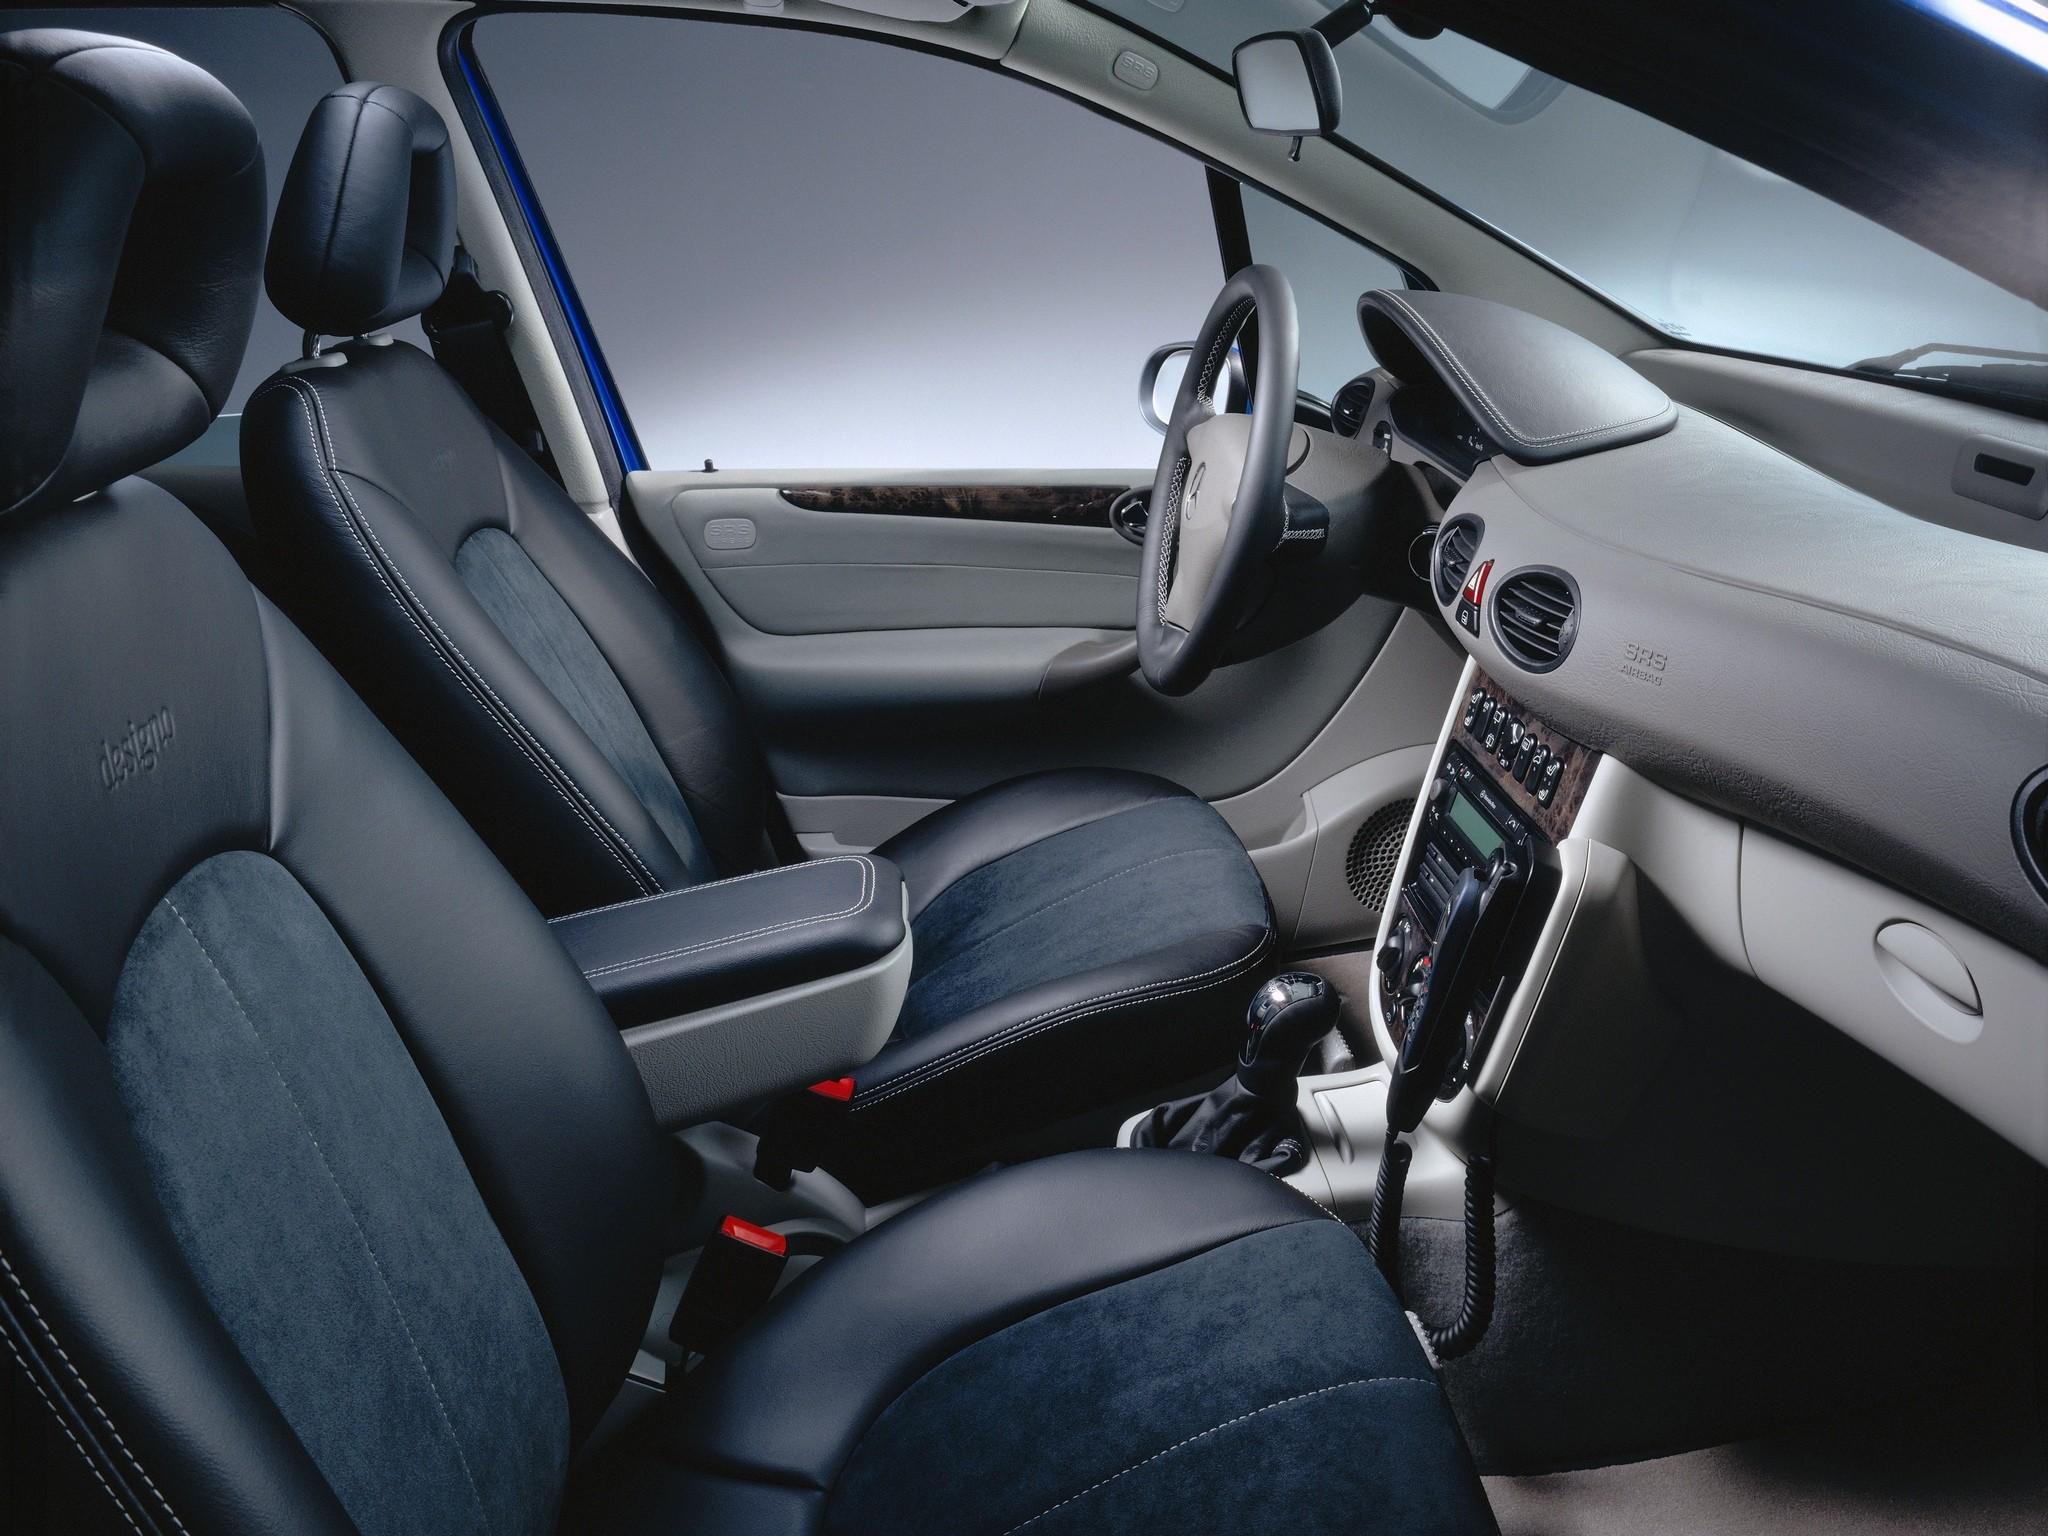 Mercedes-Benz A-klasse I (W168) 1997 - 2001 Hatchback 5 door #5